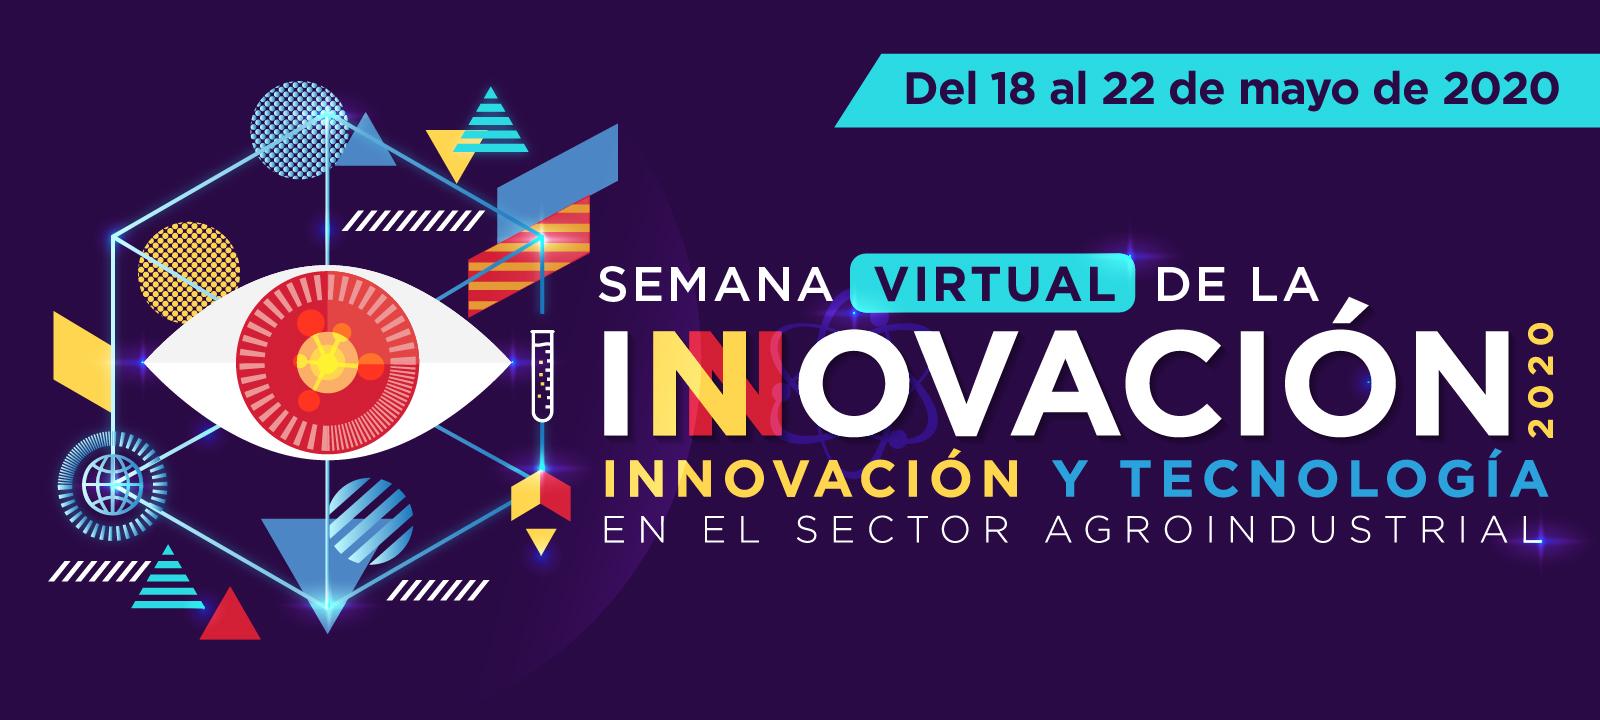 semana virtual de la innovación y tecnologia de la facultad de ingeniera | uniandes